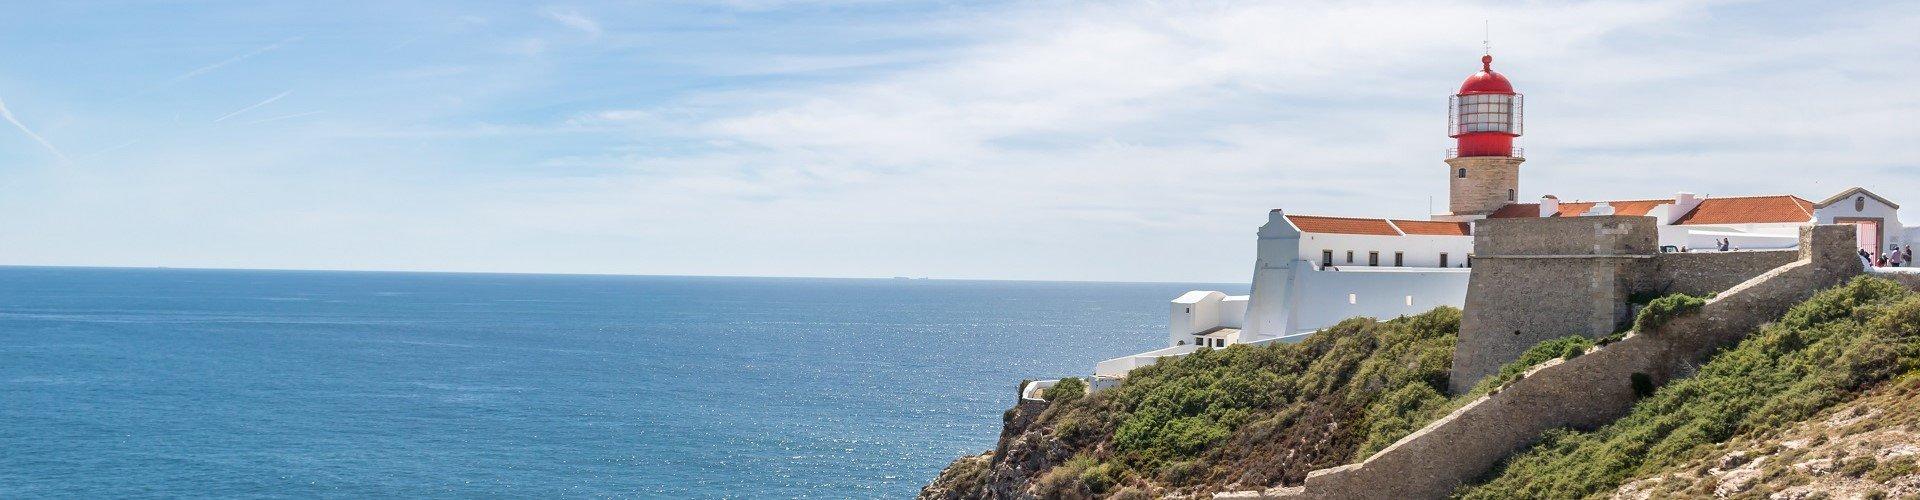 Ausflugsziel Sagres und das Cabo de São Vicente